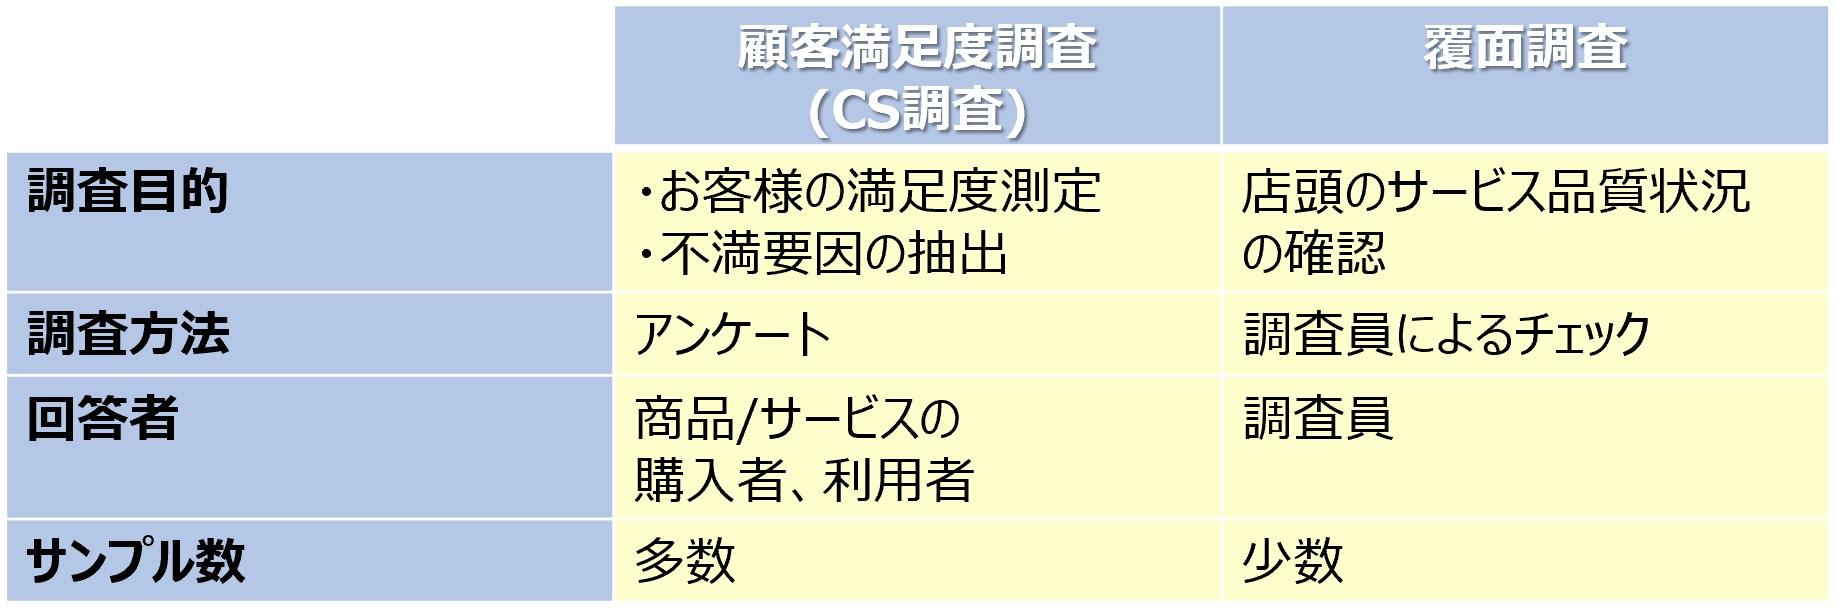 chart_01